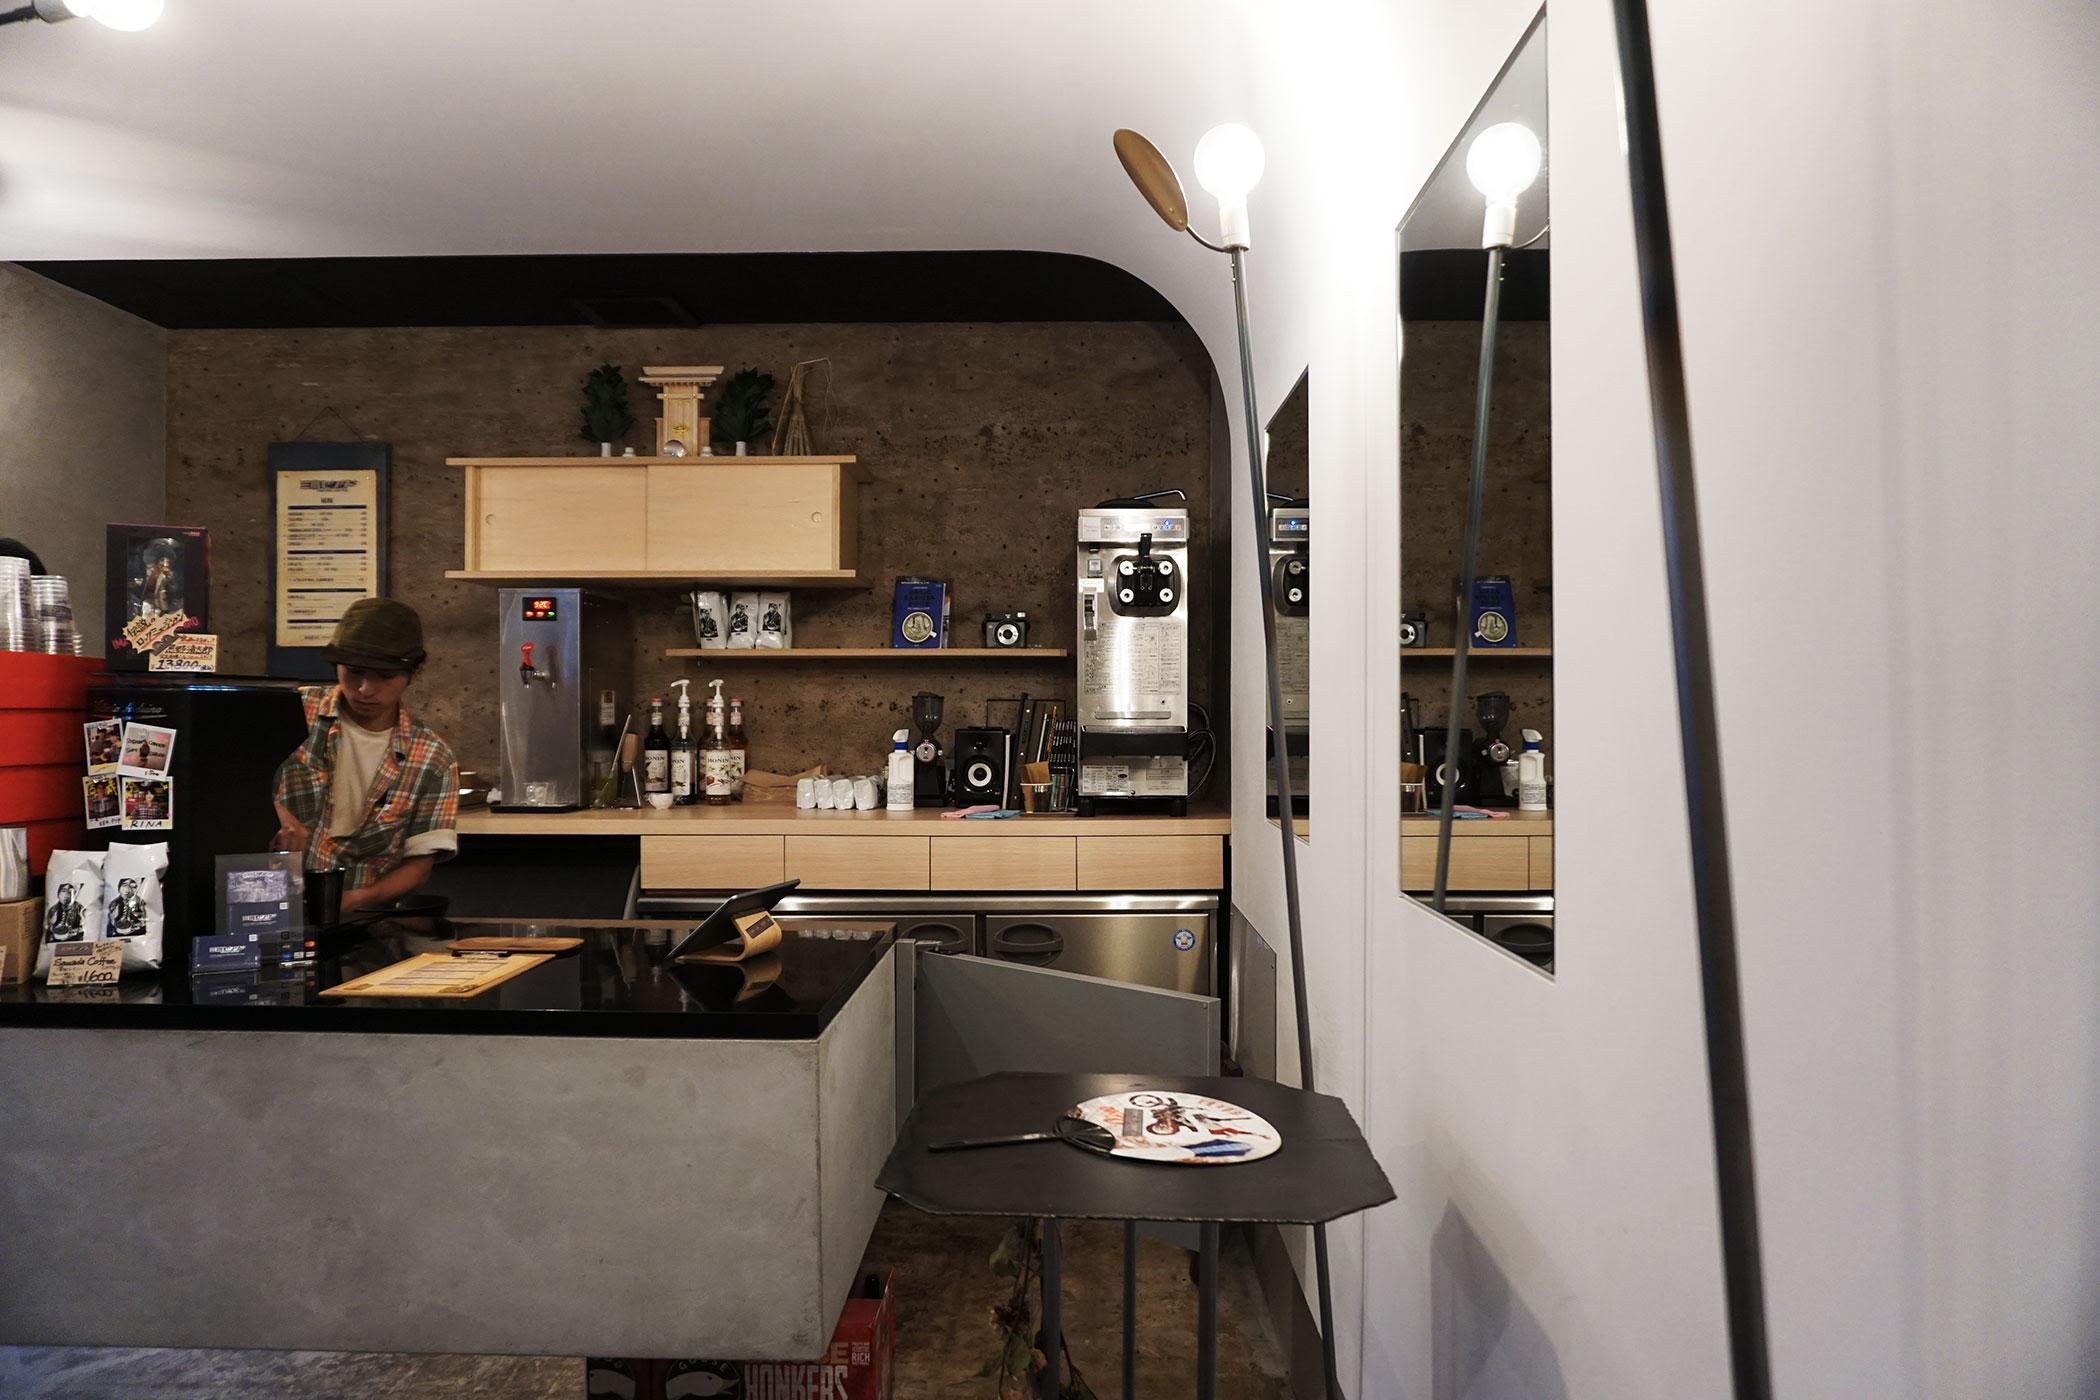 三富センター コーヒーとチーズの組み合わせが美味い新感覚のコーヒー - 京都 -